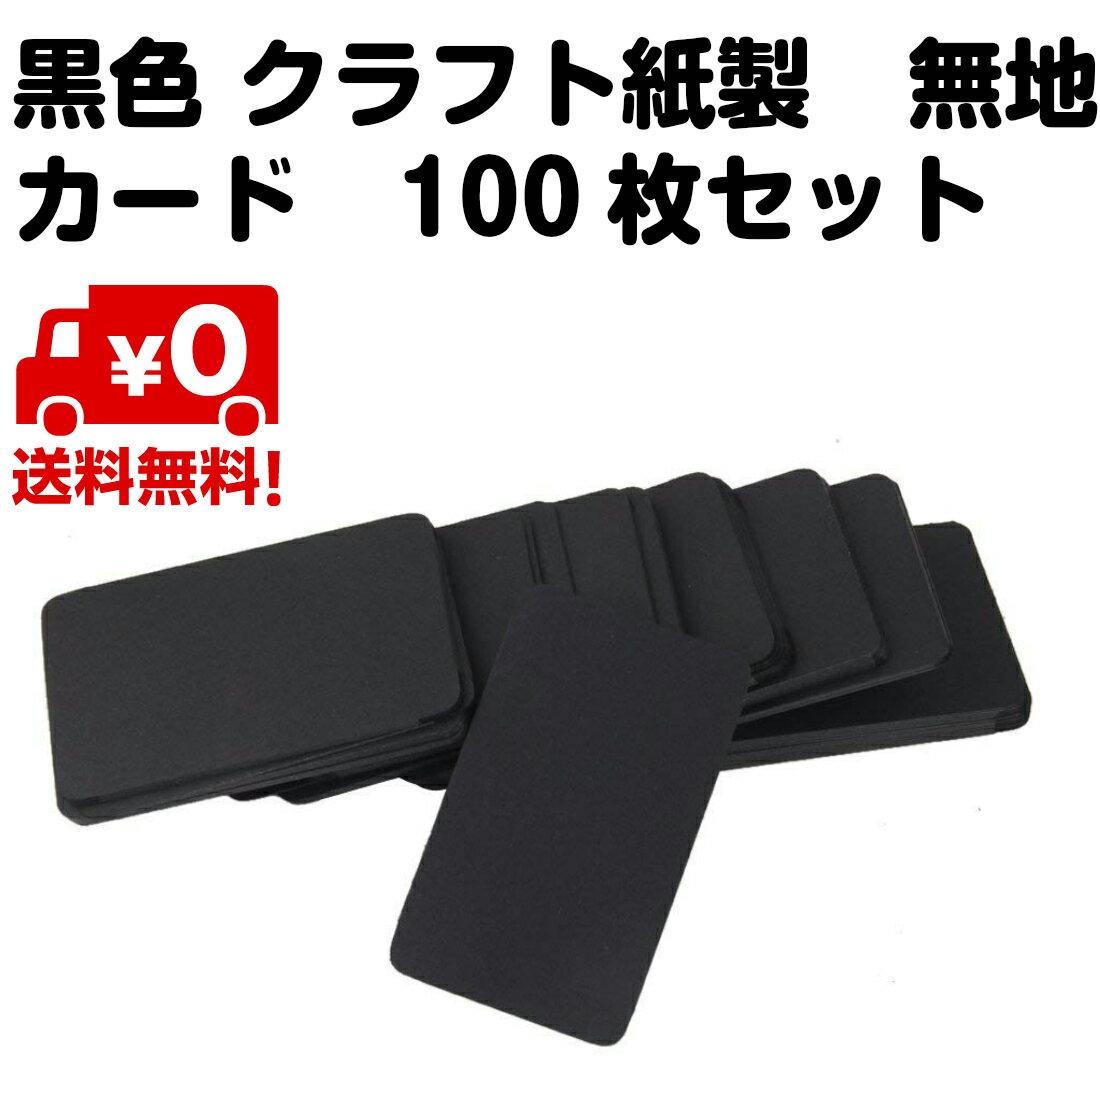 【追跡ゆうパケット送料無料】 100枚セット クラフト紙製 無地 カード 荷札 ラベル タグ 黒 ブラック